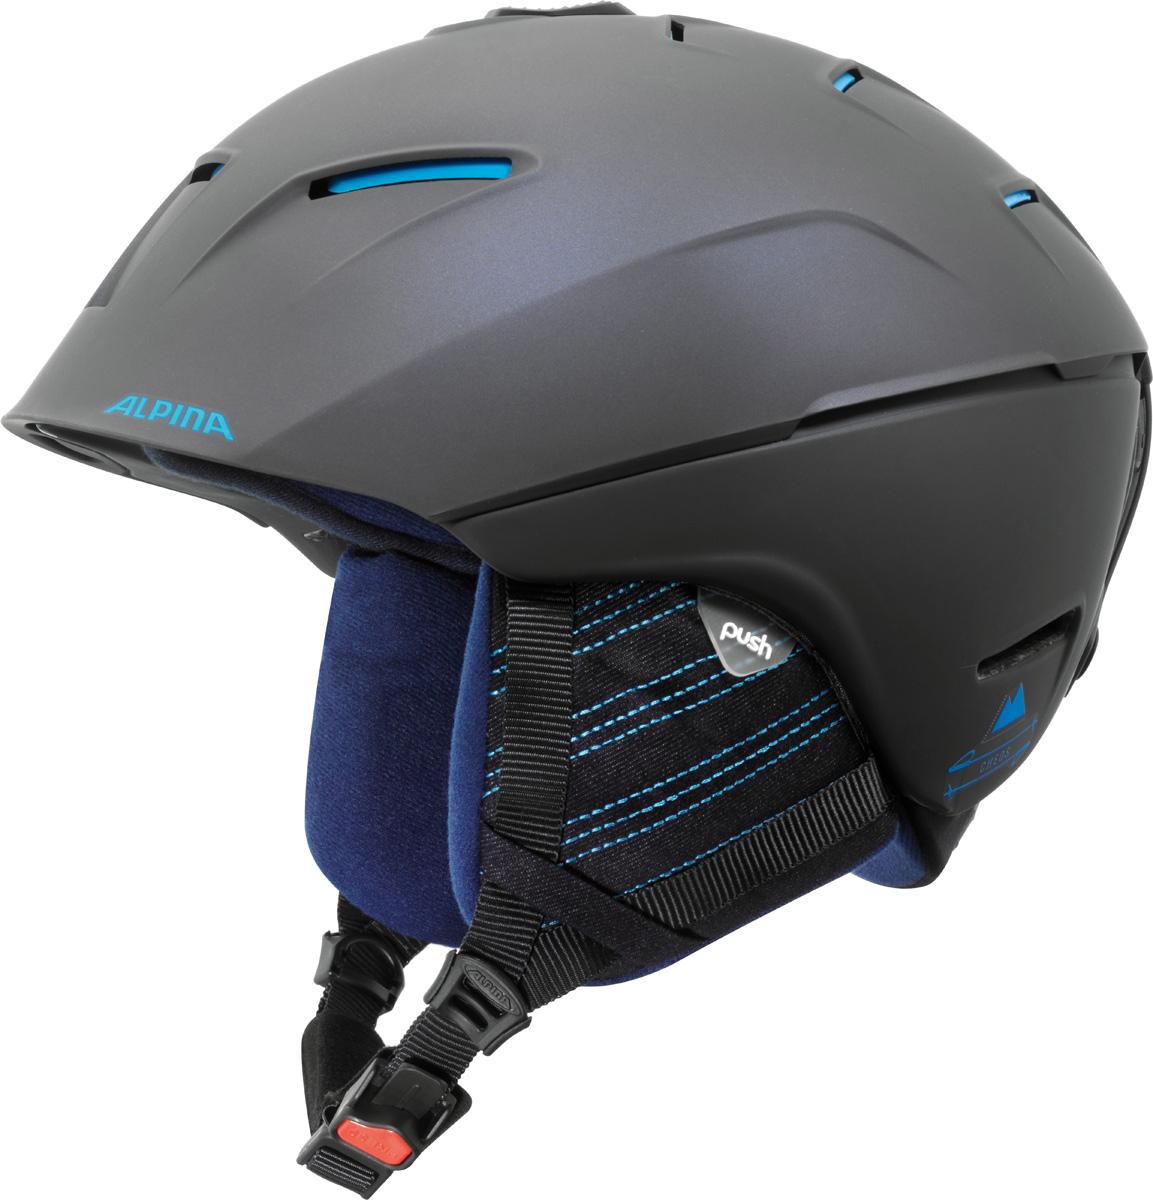 Шлем горнолыжный Alpina Cheos, цвет: темно-синий. A9058_83. Размер 55-59A9058_83Модель Alpina Cheos сочетает передовые технологии, уникальные характеристики, бескомпромиссную безопасность и исключительный дизайн. Технологии:Hybrid - нижняя часть шлема состоит из легкого Inmold, что обеспечивает хорошую амортизацию. Верхняя часть - супер-прочный Hardshell. Edge Protect – усиленная нижняя часть шлема, выполненная по технологии Inmold. Дополнительная защита при боковых ударах. Run System – простая система настройки шлема, позволяющая добиться надежной фиксации. Airstream Control – регулируемые воздушные клапана для полного контроля внутренней вентиляции. Removable Earpads - съемные амбушюры добавляют чувства свободы во время катания в теплую погоду, не в ущерб безопасности. При падении температуры, амбушюры легко устанавливаются обратно на шлем. Changeable Interior – съемная внутренняя часть. Допускается стирка в теплой мыльной воде. Neckwarmer – дополнительное утепление шеи. Изготовлено из мягкого флиса. 3D Fit – ремень, позволяющий регулироваться затылочную часть шлема. Пять позиций позволят настроить идеальную посадку.Что взять с собой на горнолыжную прогулку: рассказывают эксперты. Статья OZON Гид